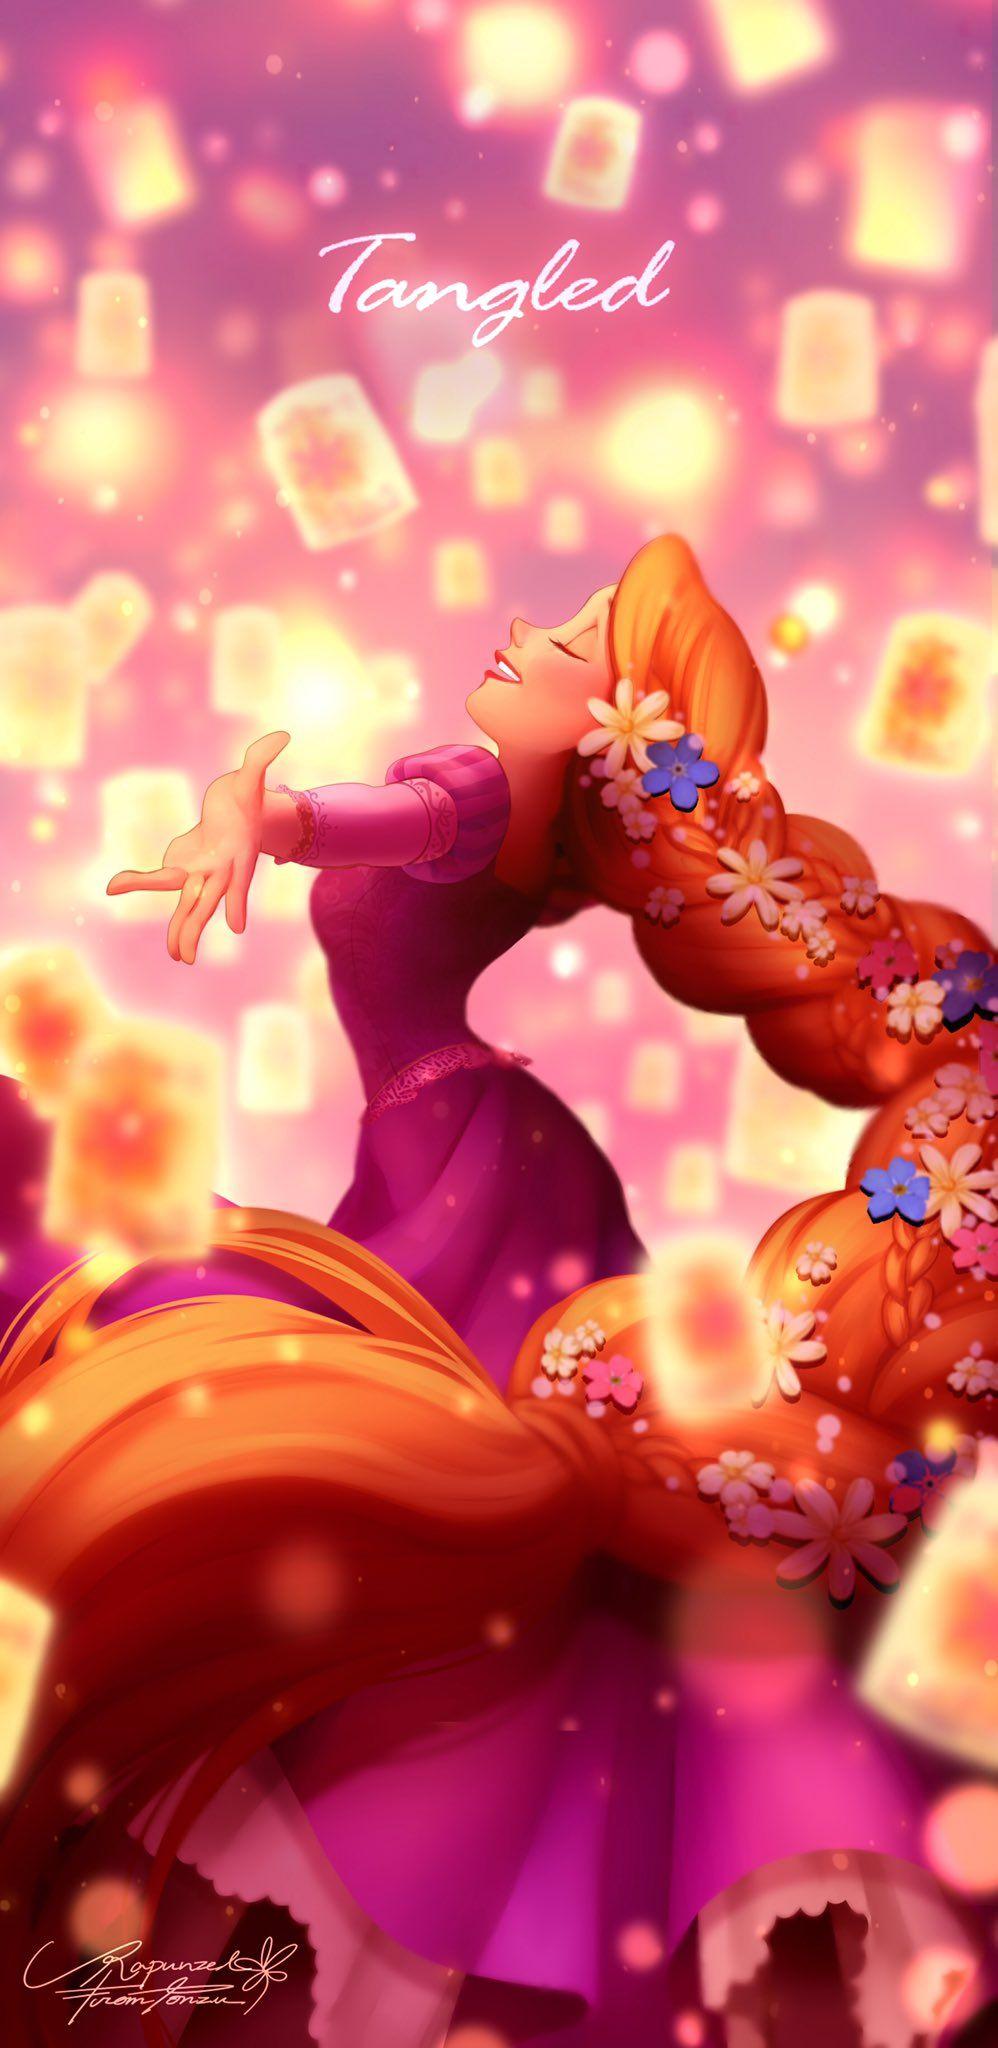 C6kn0tsvsaa7zn3 Jpg Large 998 48 ディズニーのラプンツェル ディズニー壁紙 プリンセス ラプンツェル 画像